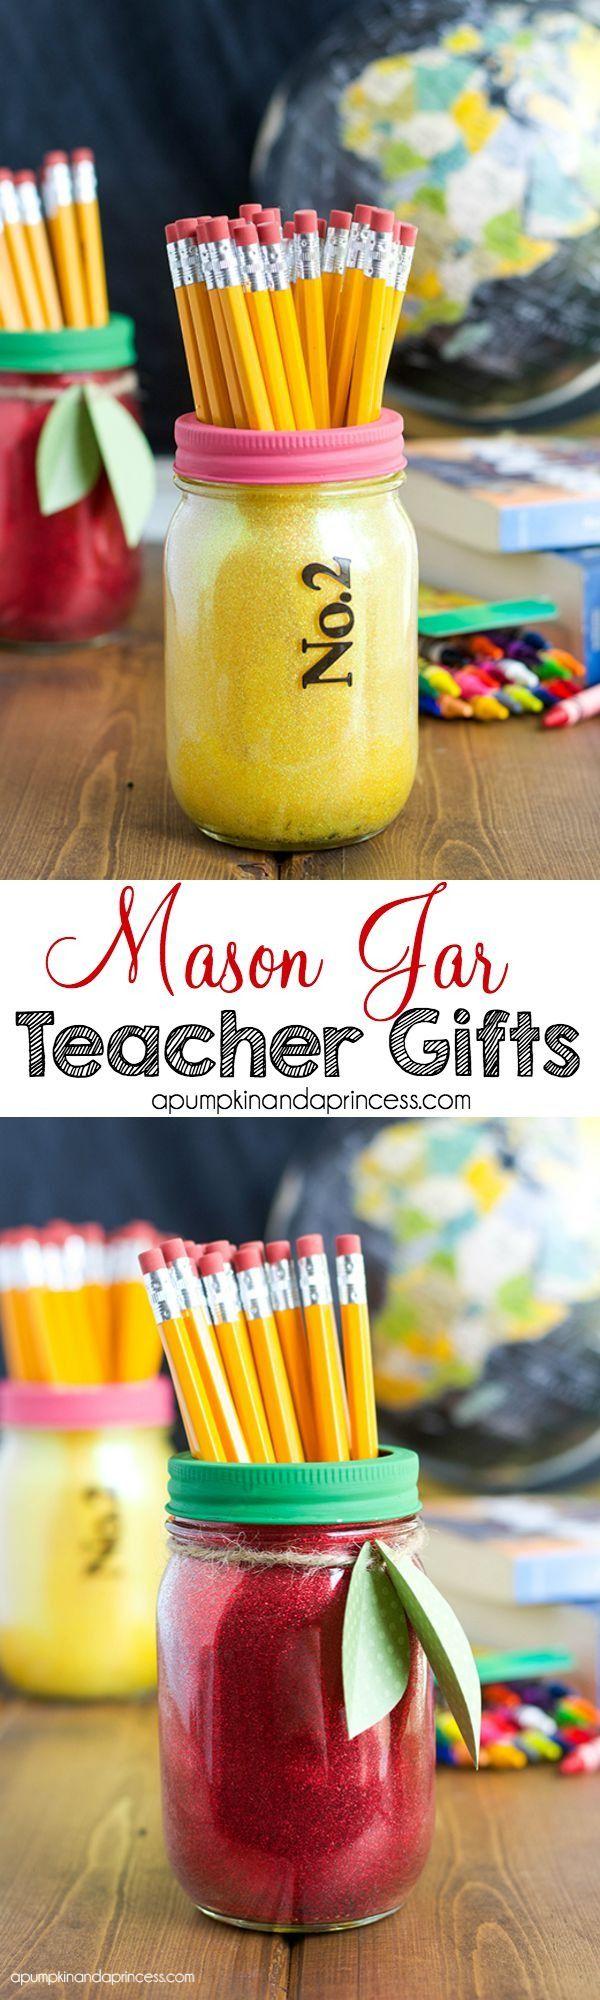 DIY Mason Jar Teacher gifts from MichaelsMakers  A Pumpkin And A Princess